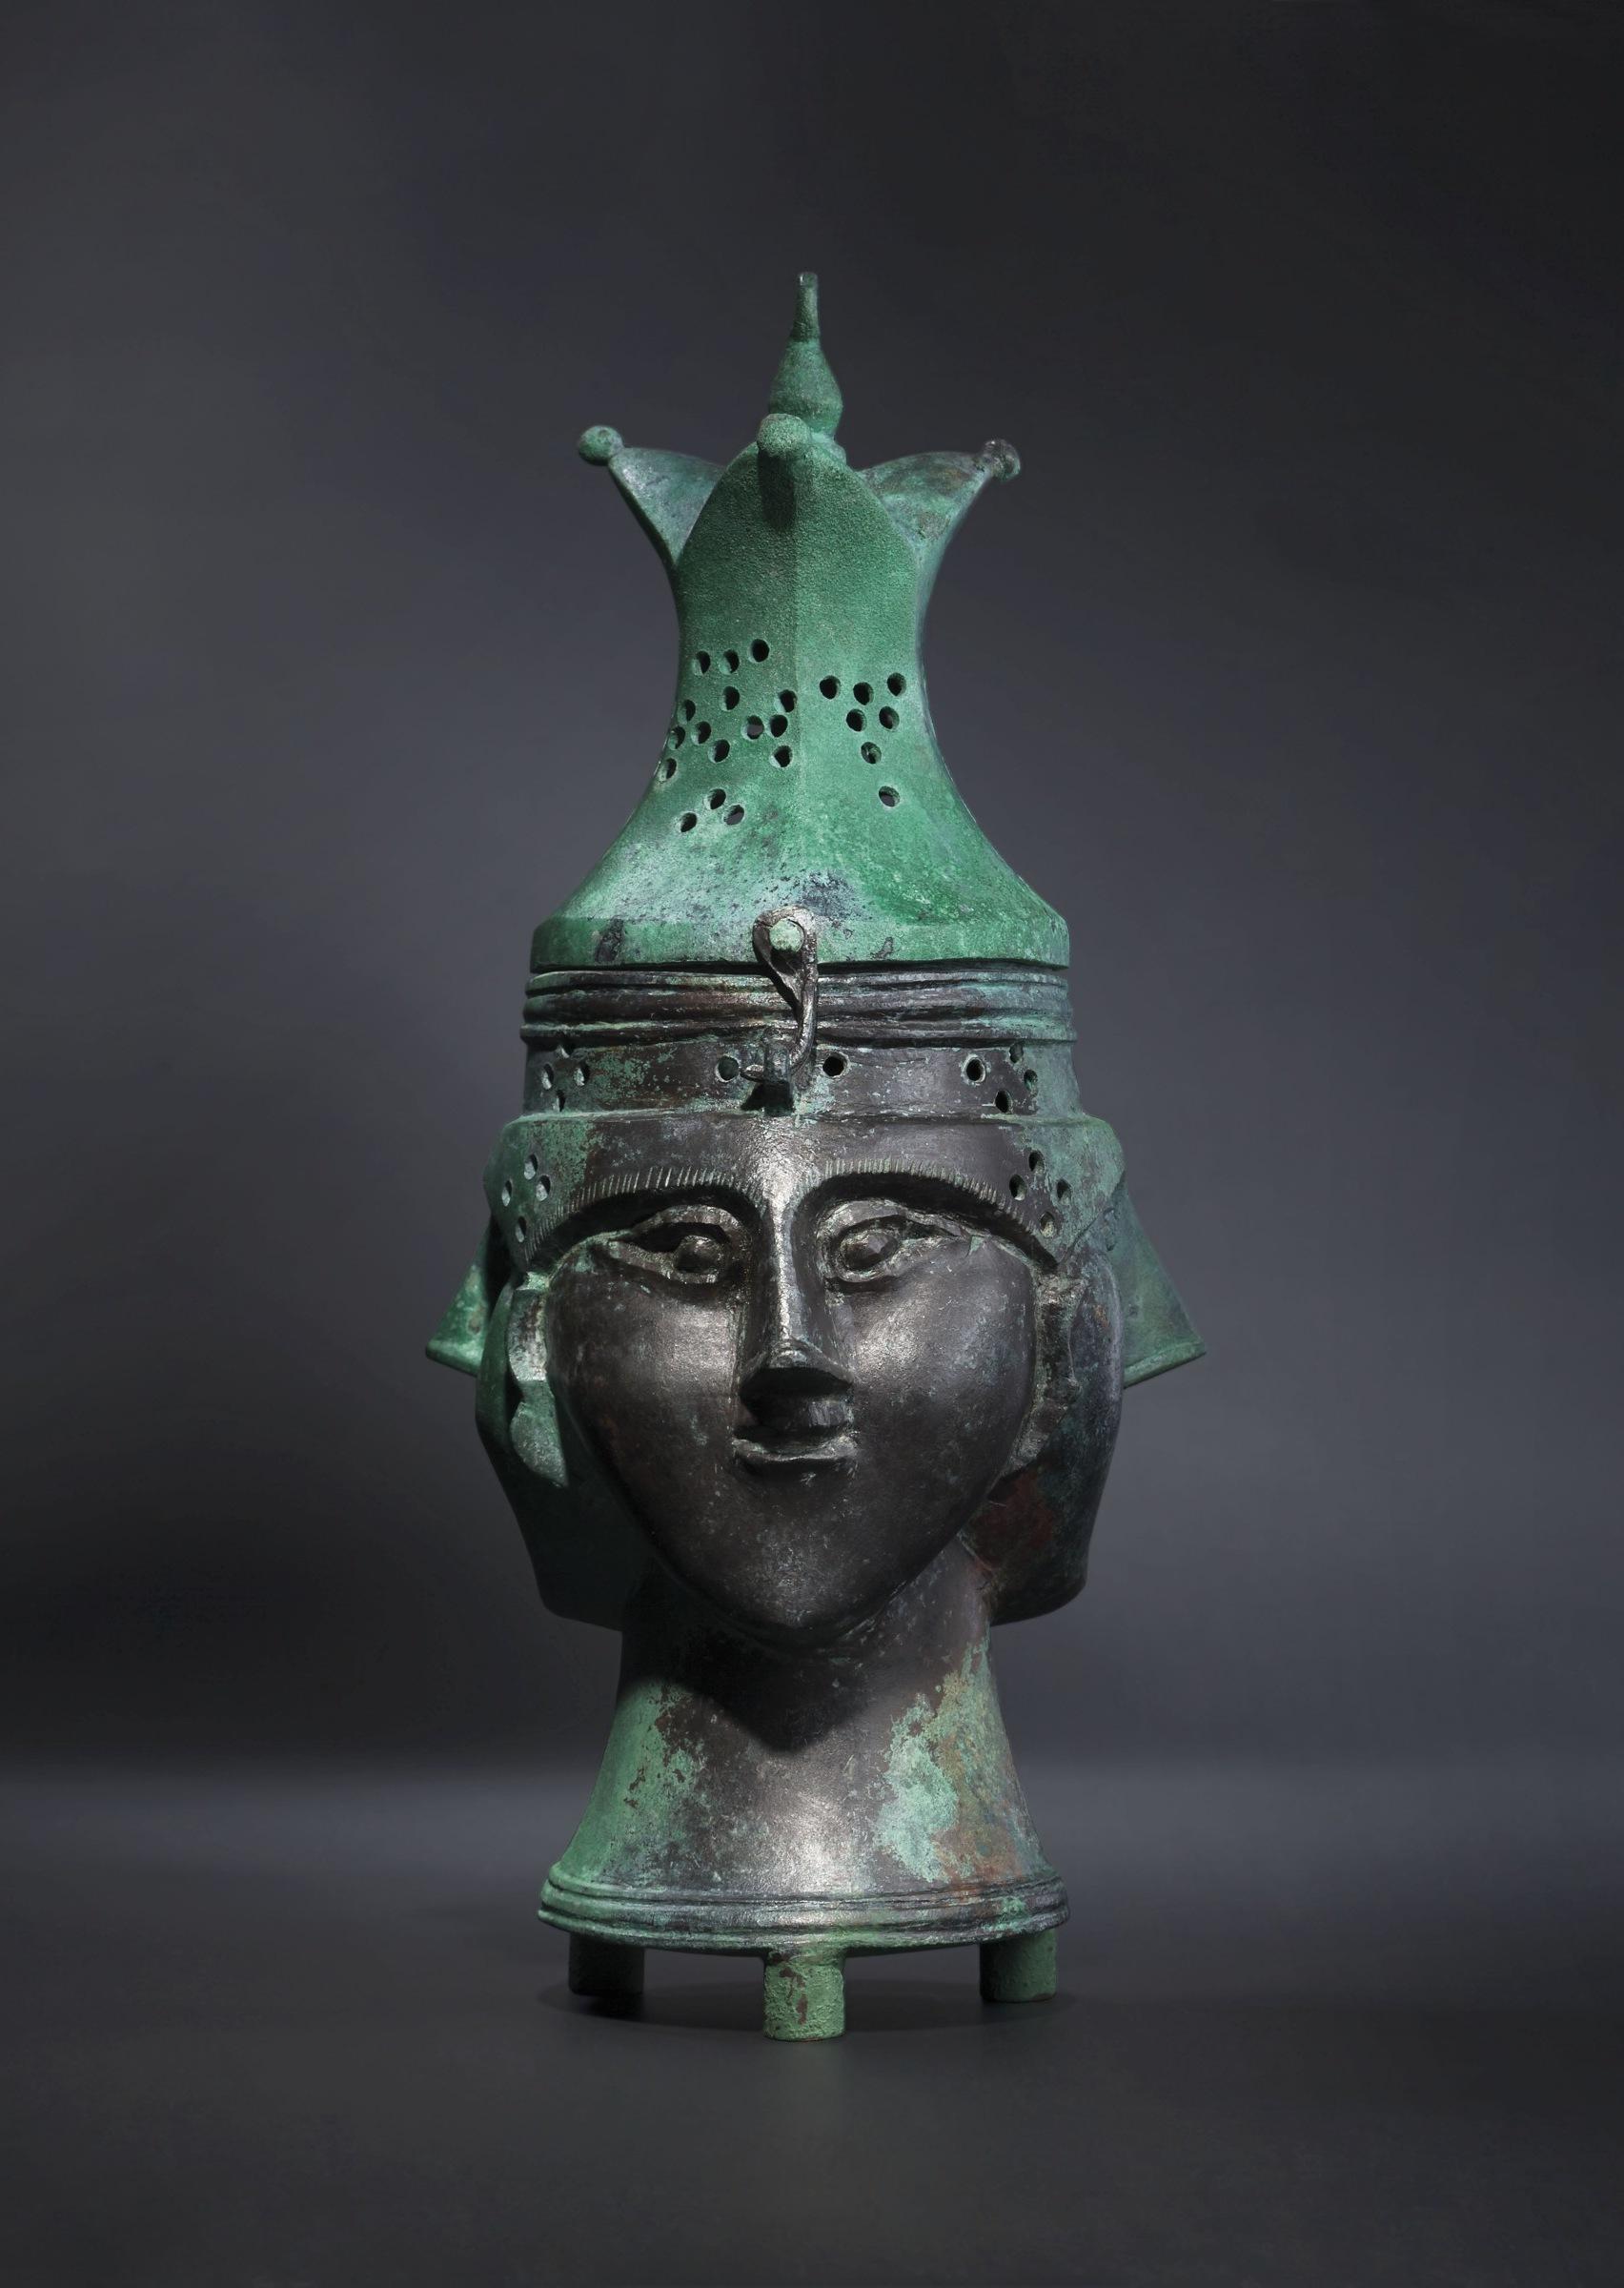 Seldschukisches Räuchergefäß aus Bronze, 12.-13. Jh.